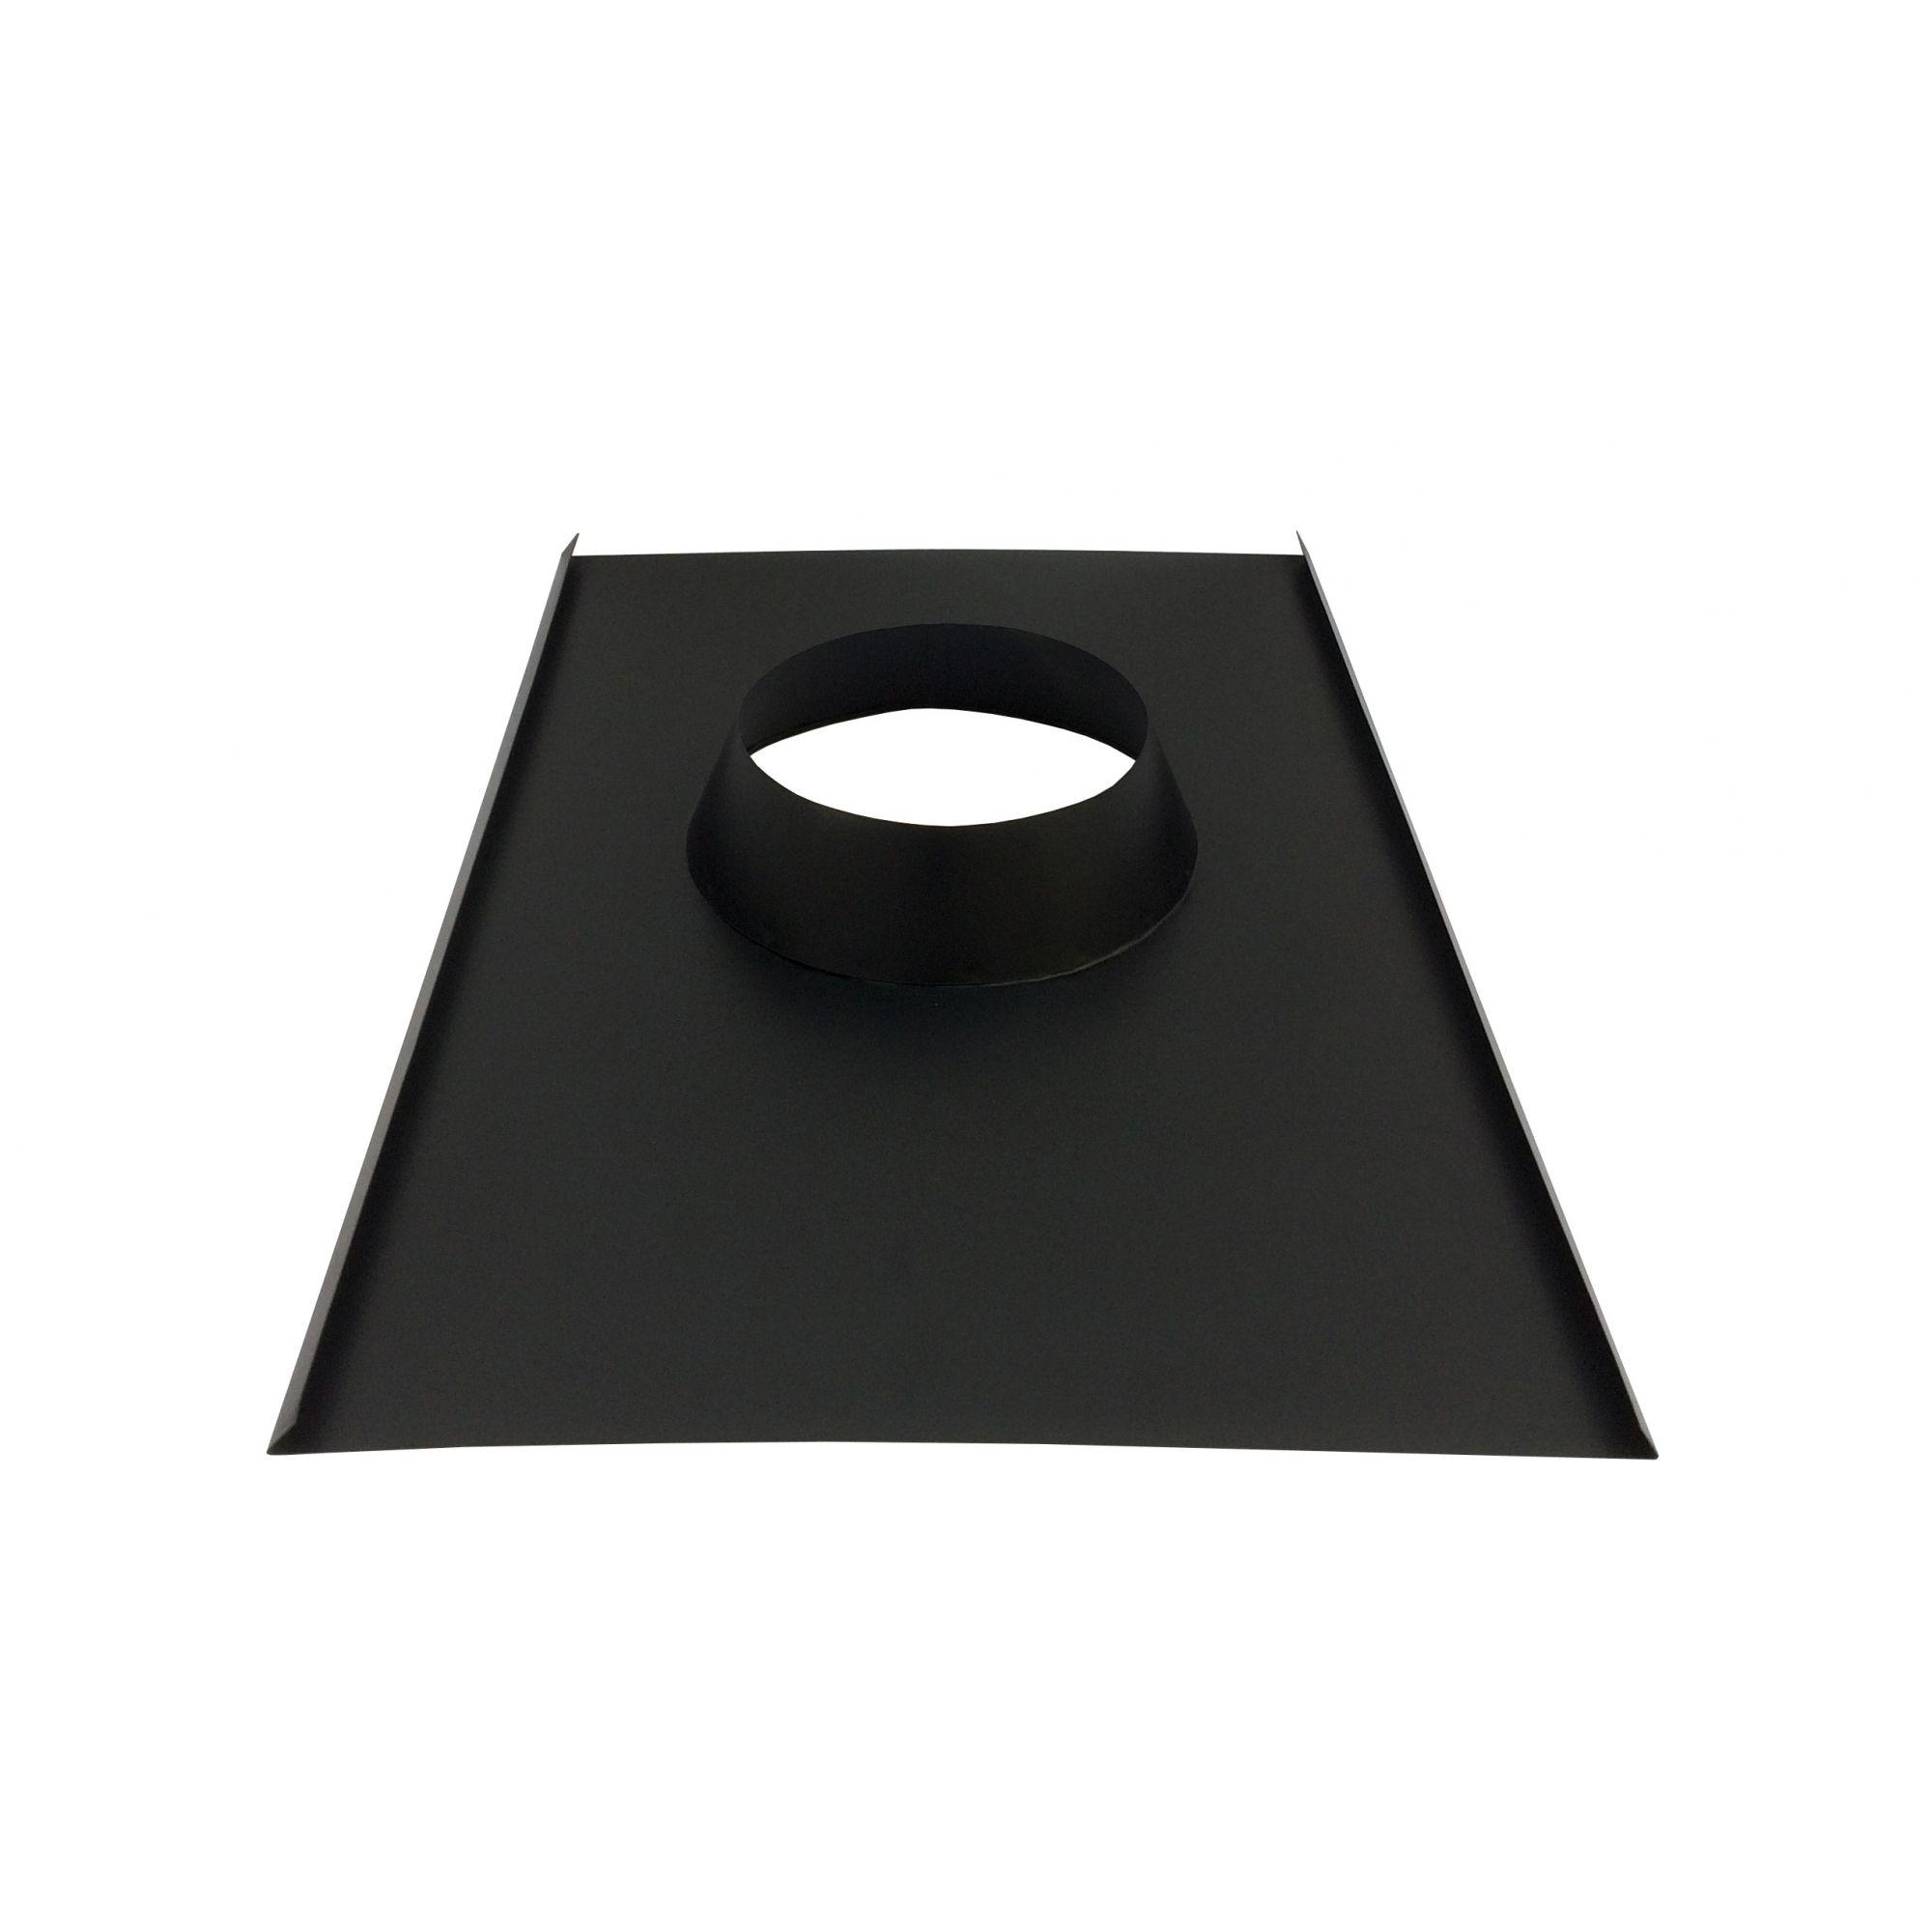 Rufo colarinho de telhado preto para chaminé de 180 mm de diâmetro  - Galvocalhas